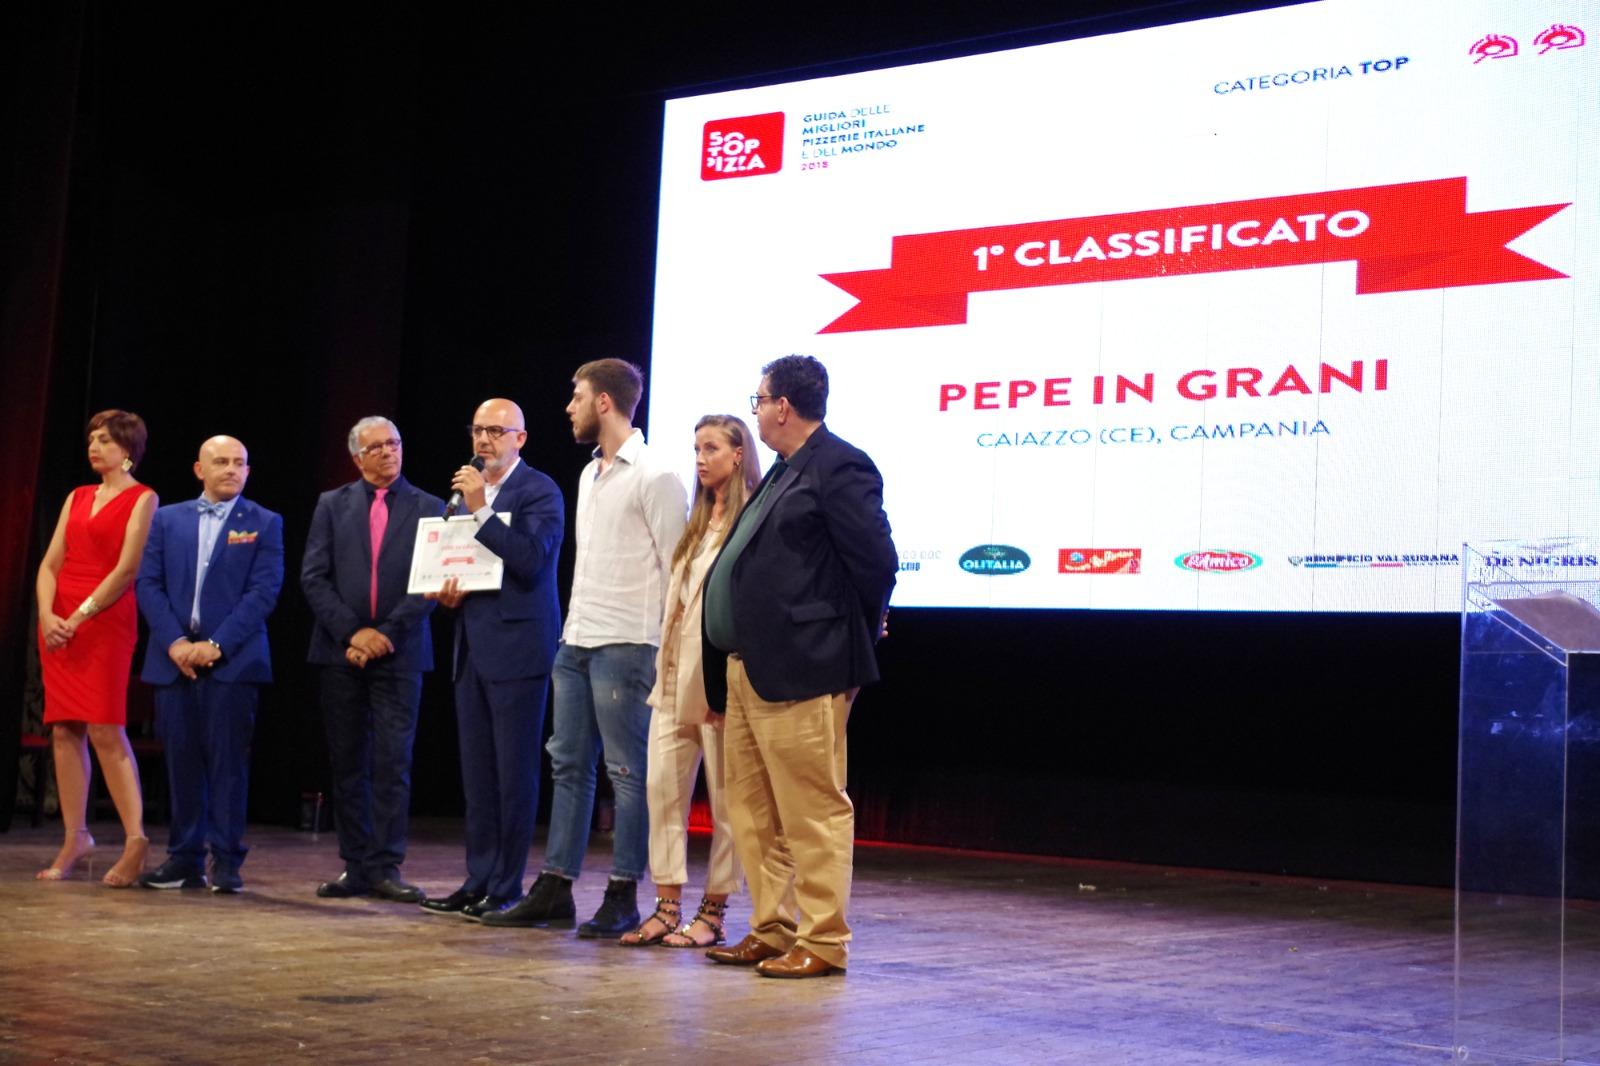 Franco Pepe ritira il riconoscimento RICONFERMA A 50 TOP PIZZA PER PEPE IN GRANI: MIGLIOR PIZZERIA D'ITALIA